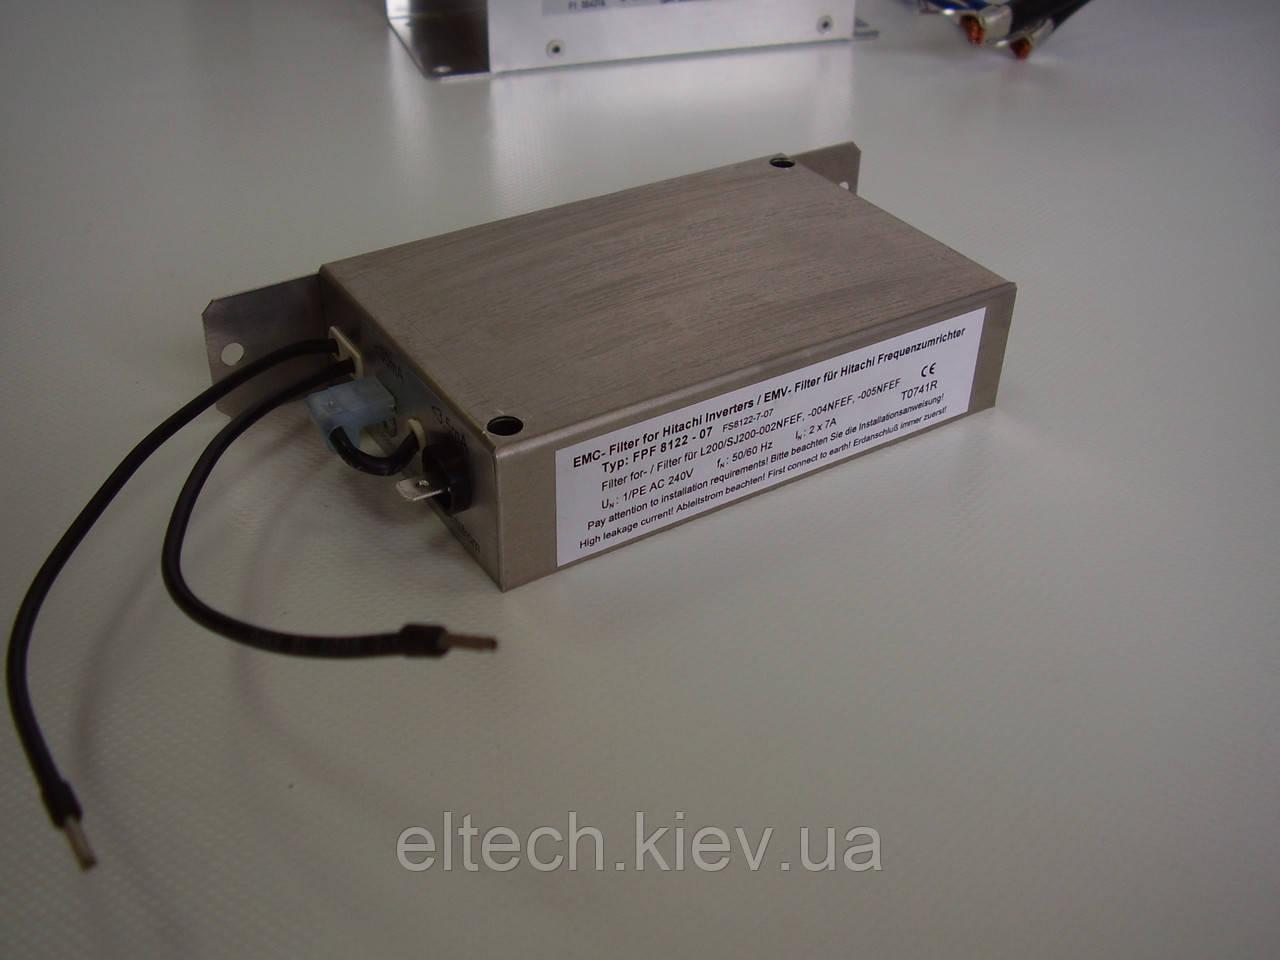 Фильтр сетевой BTFB-266-G-3-115 для SJ700D (SJ700)-(370, 450)HFEF